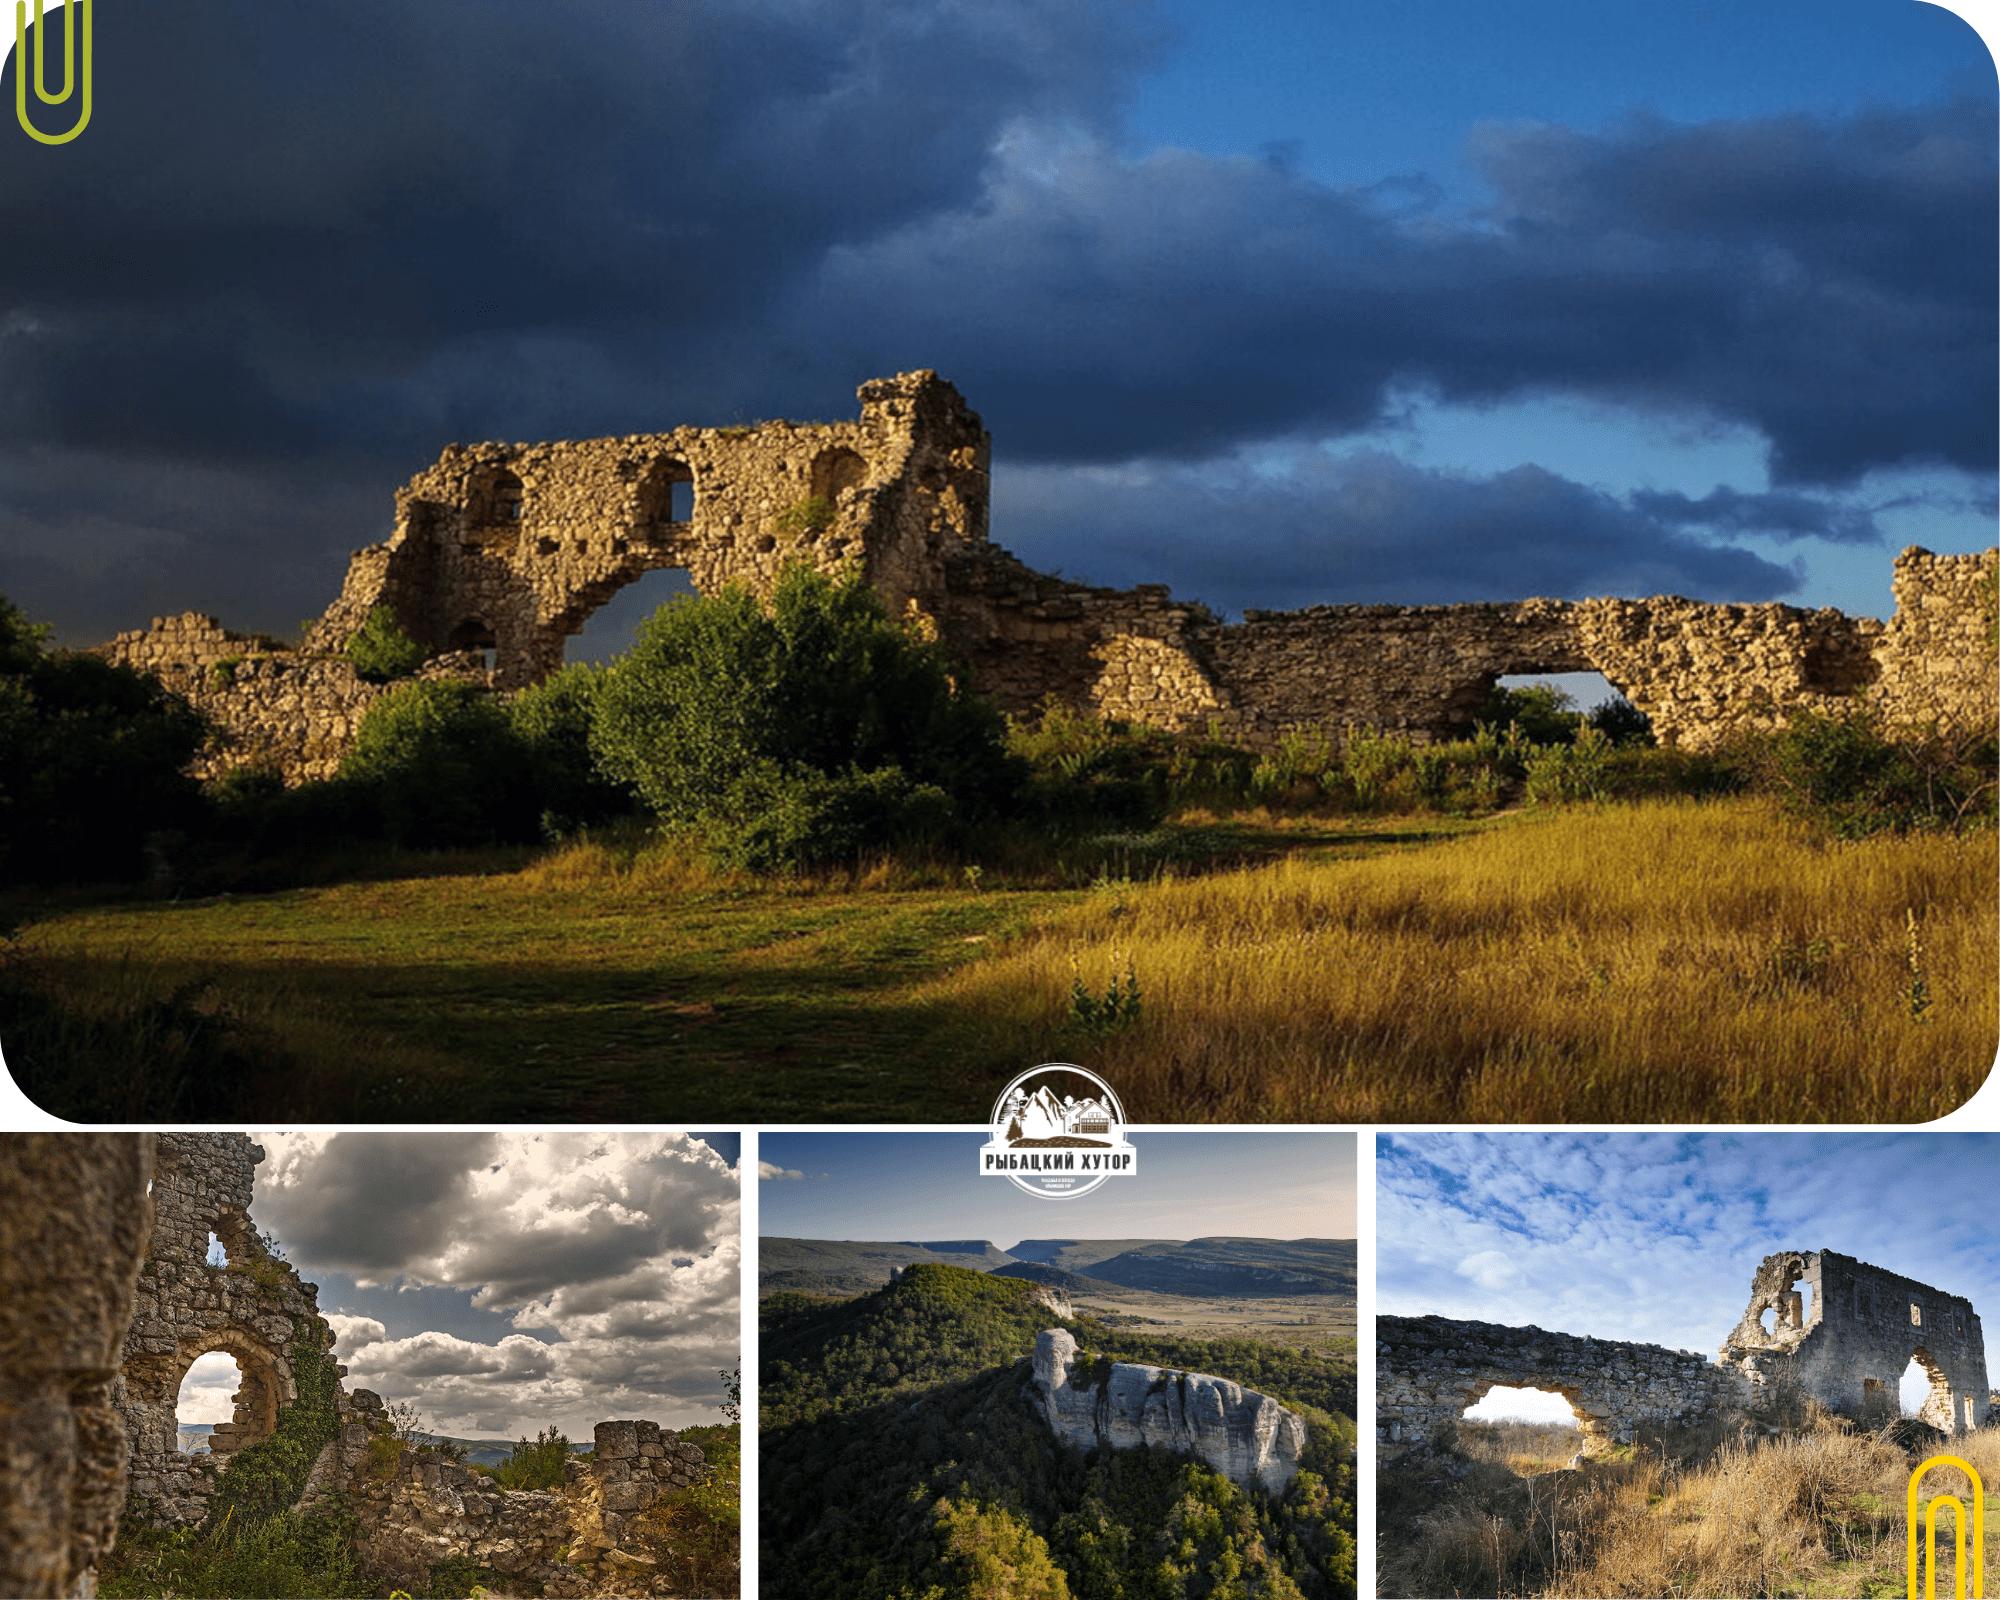 На территории Мангуп-Кале в 1975 году установили одноименный памятник природы, имеющий общегосударственное значение